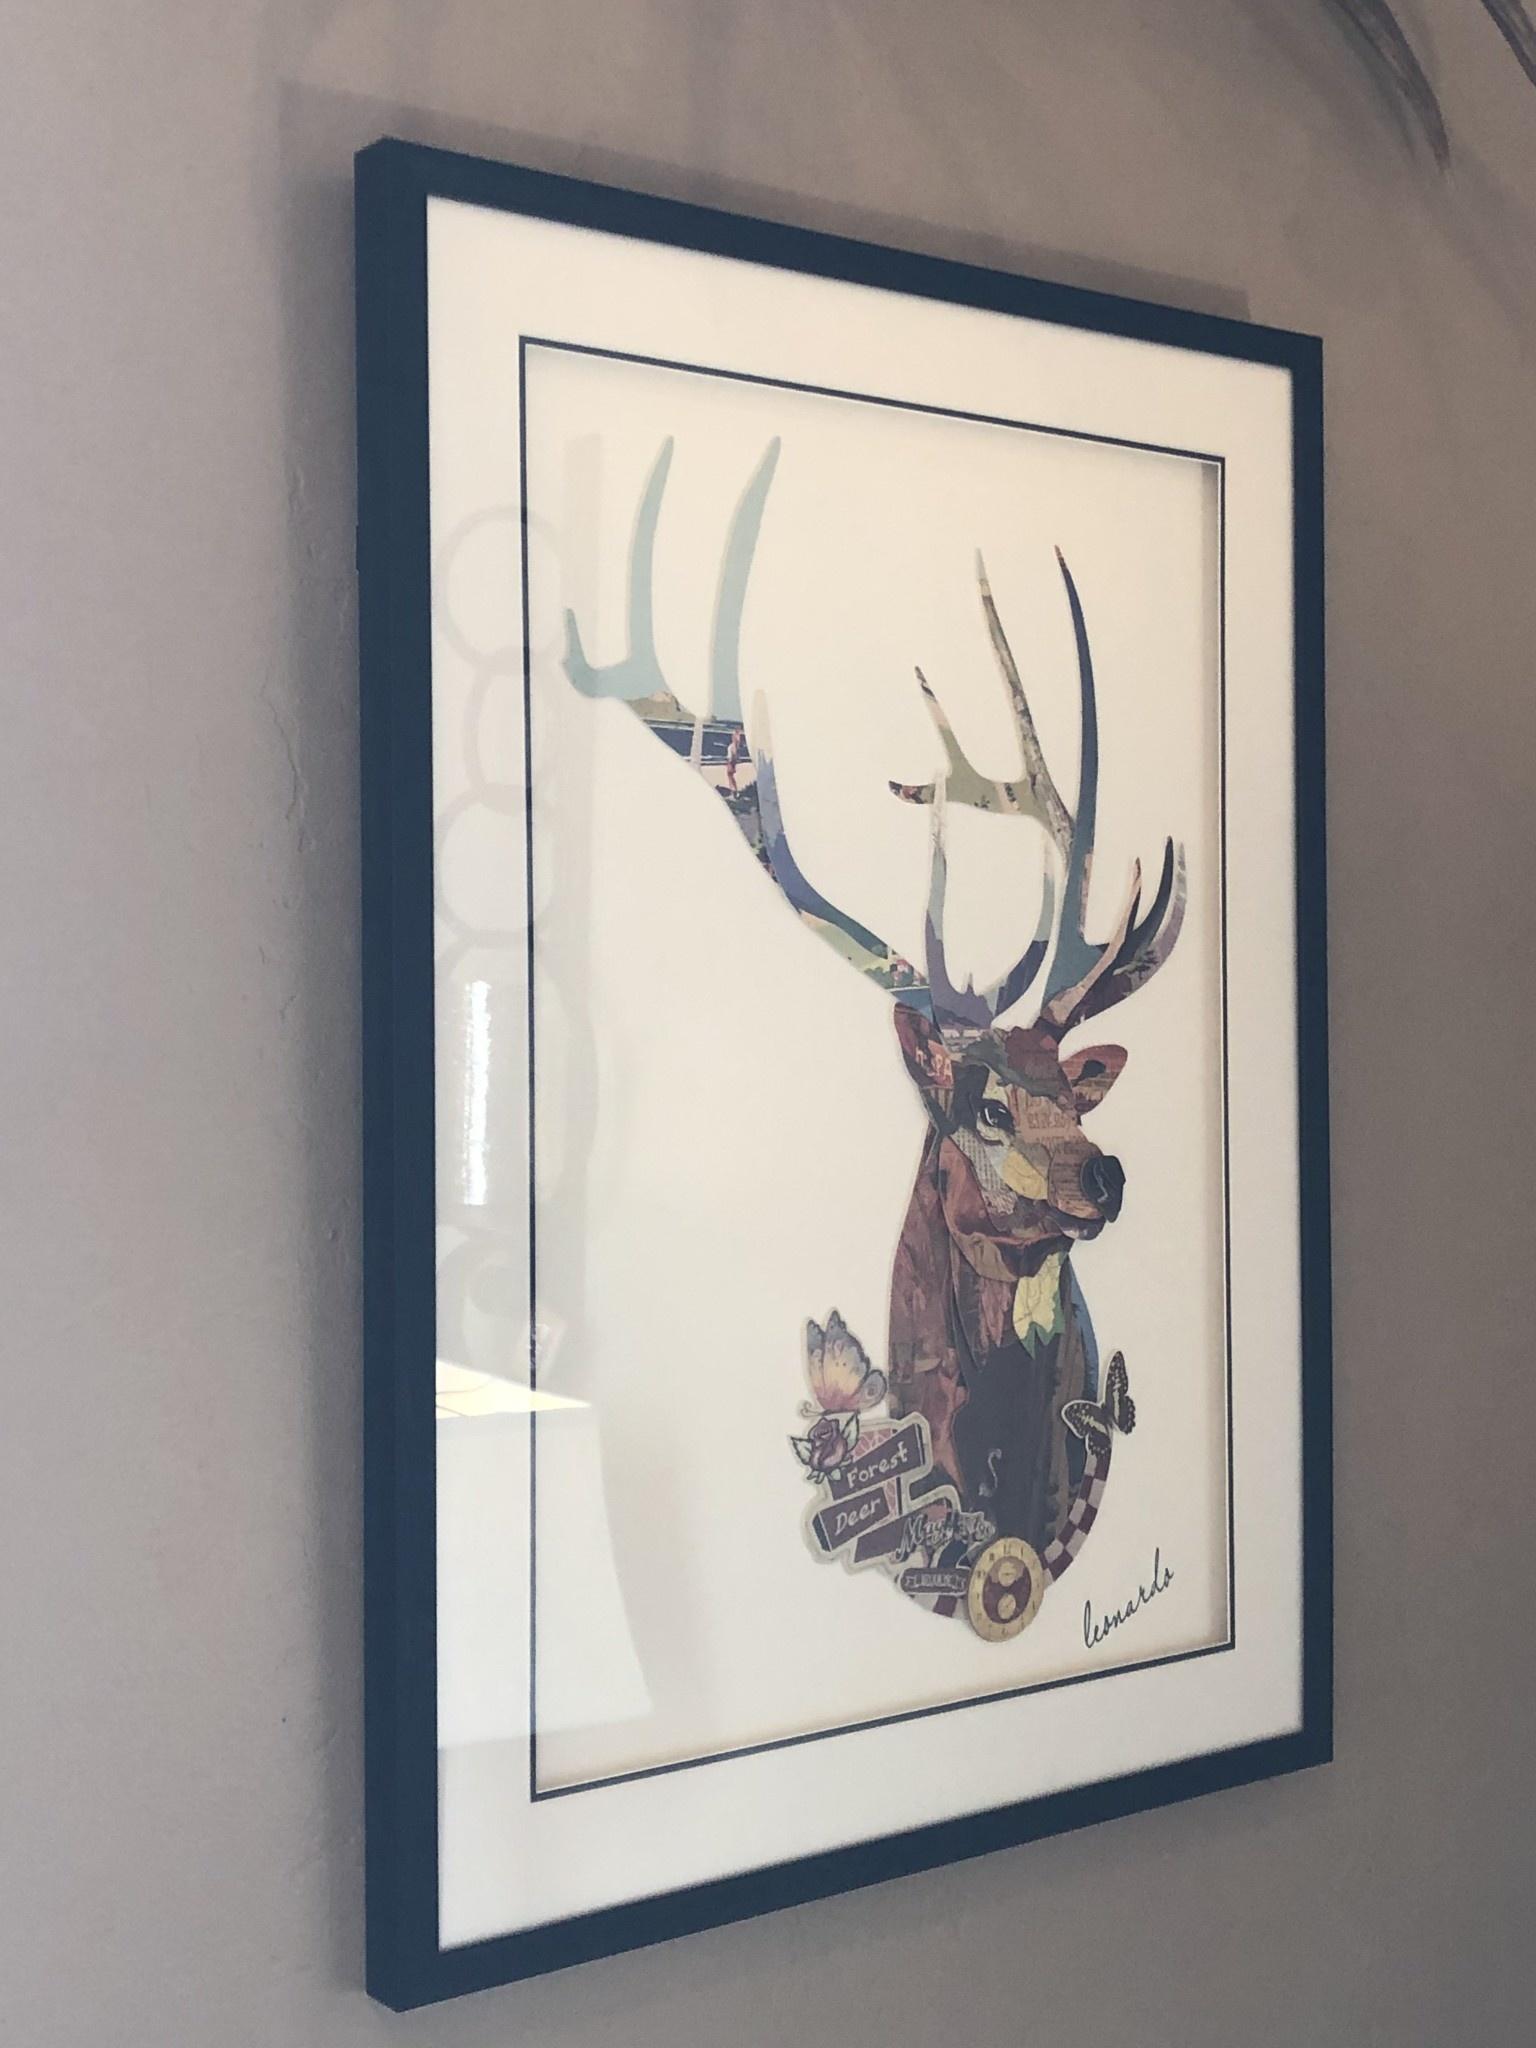 Simpkins-Canterbury Lane Collage 3D Art-Deer